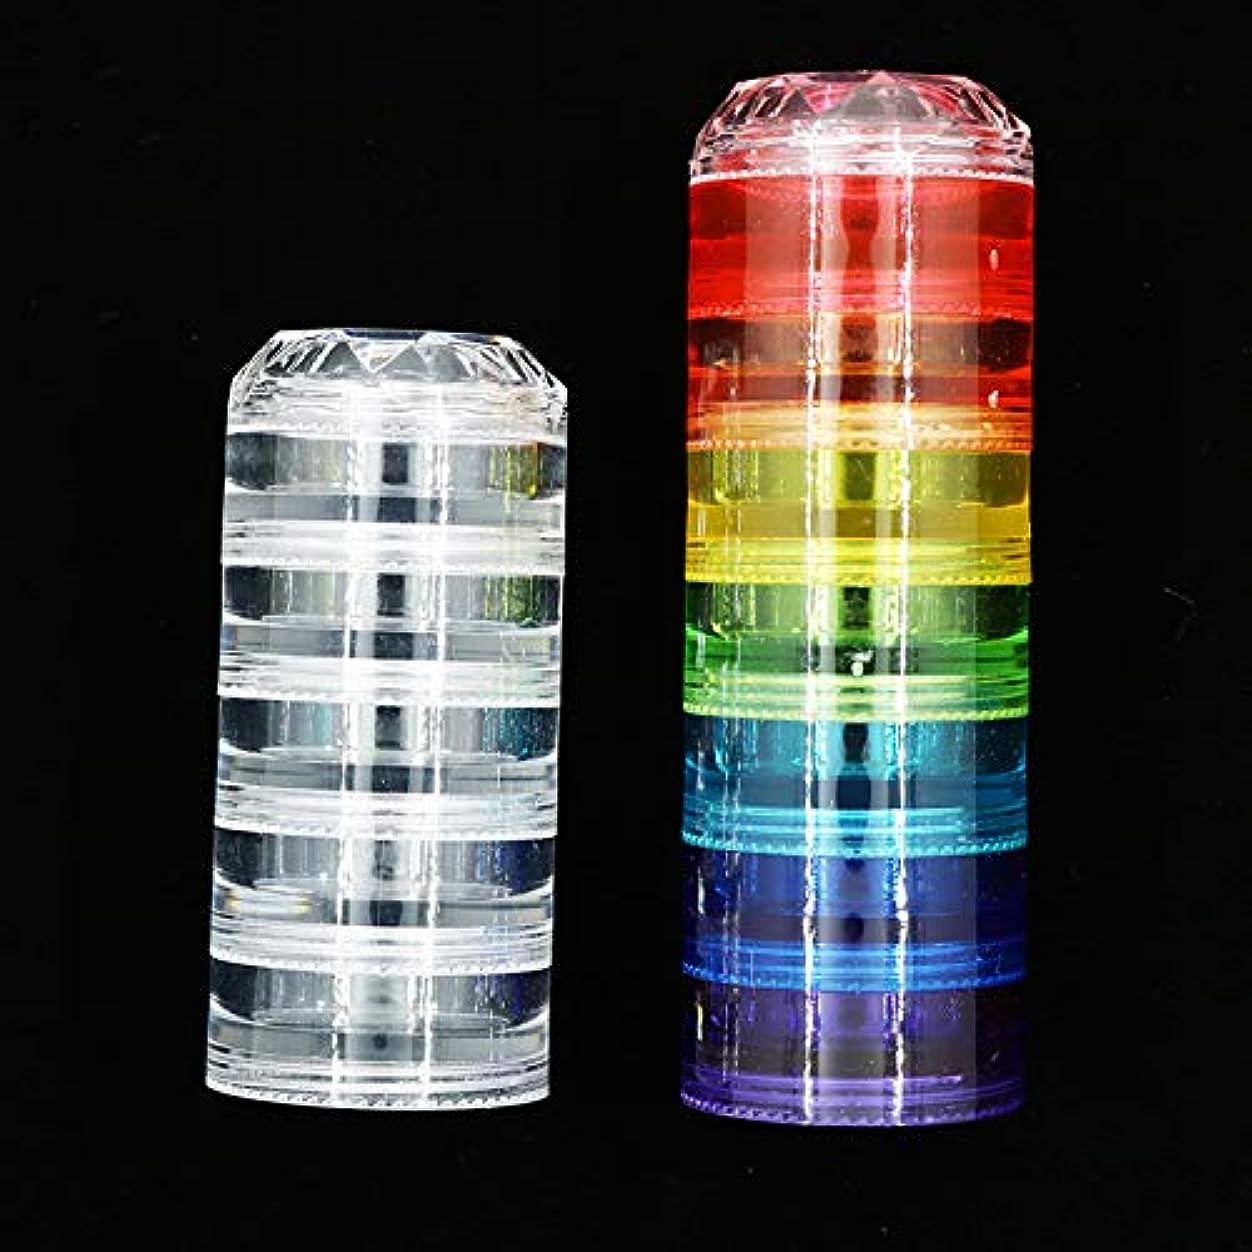 怠惰急行する異常な新しいダイヤモンドシャム空箱セット12層レインボー多色ネイルジュエリーアクセサリー収納ボックス小さな部品瓶ツール